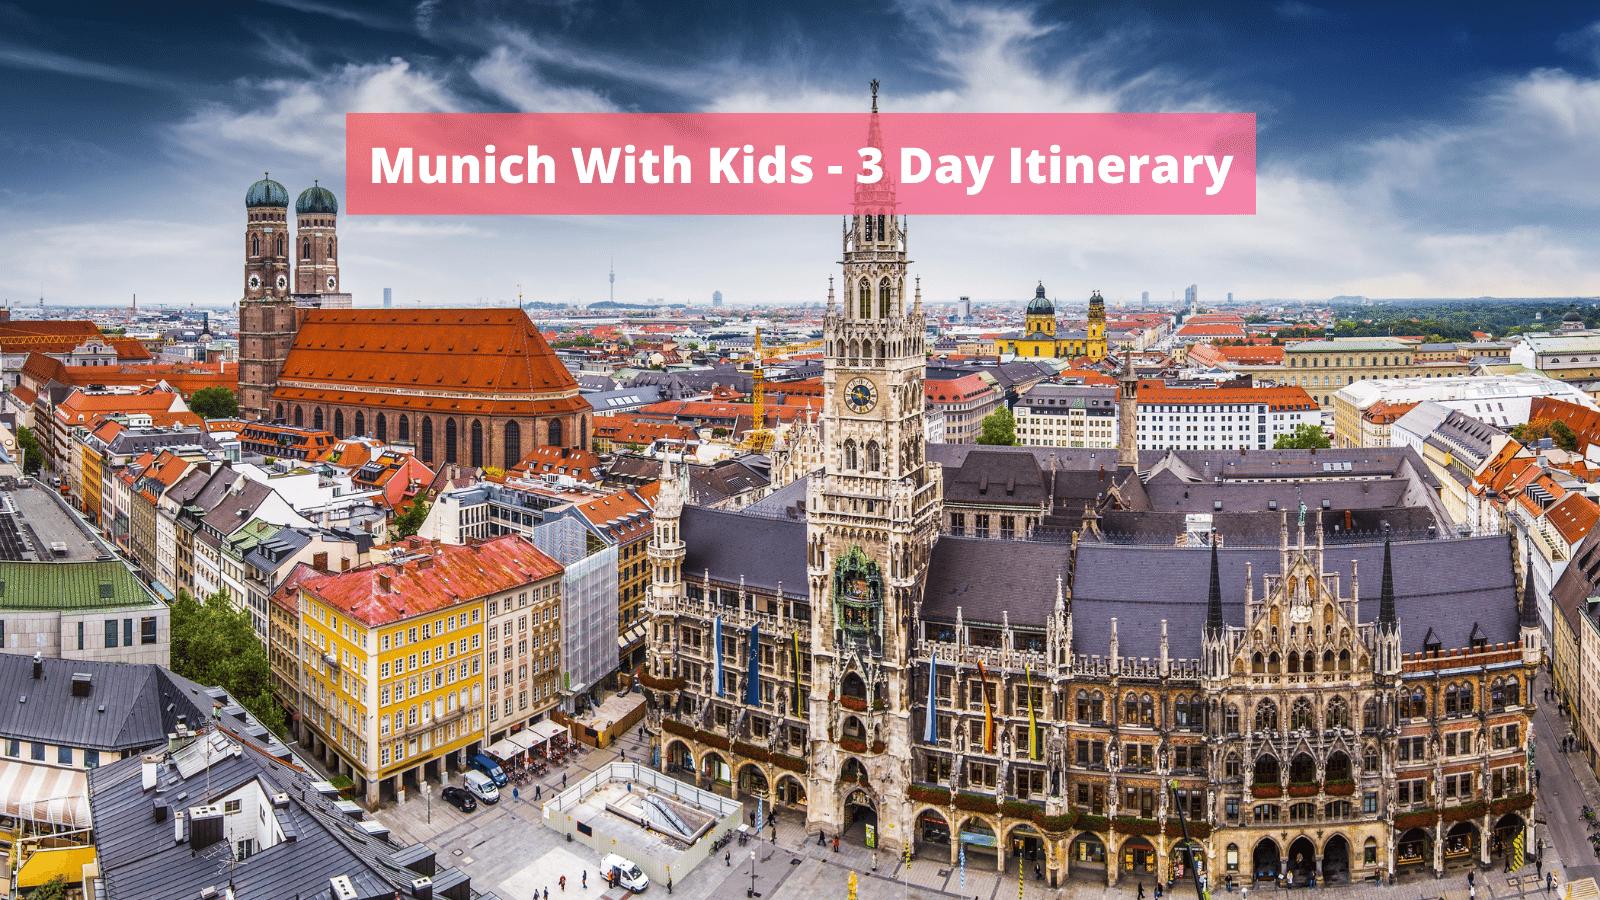 Munich With Kids - 3 Day Itinerary